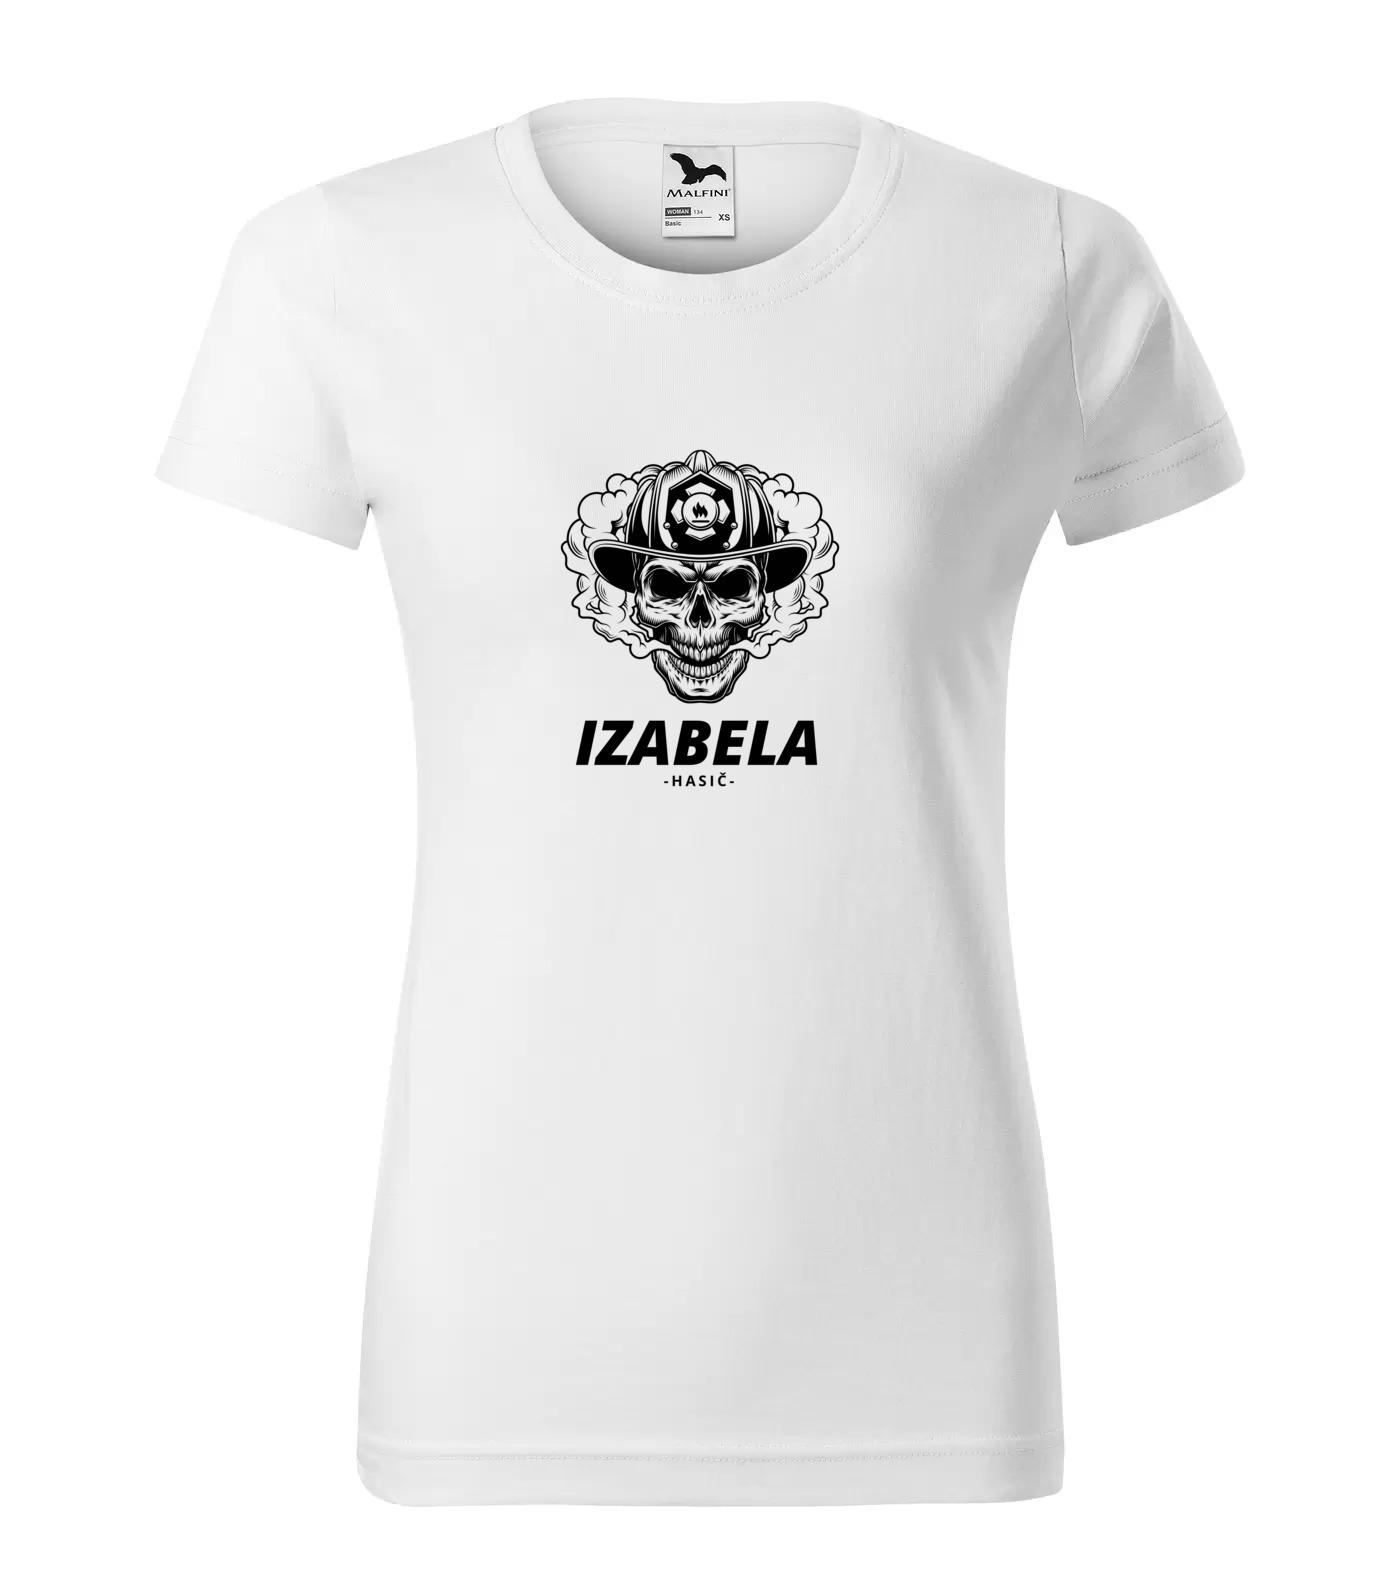 Tričko Hasič Izabela